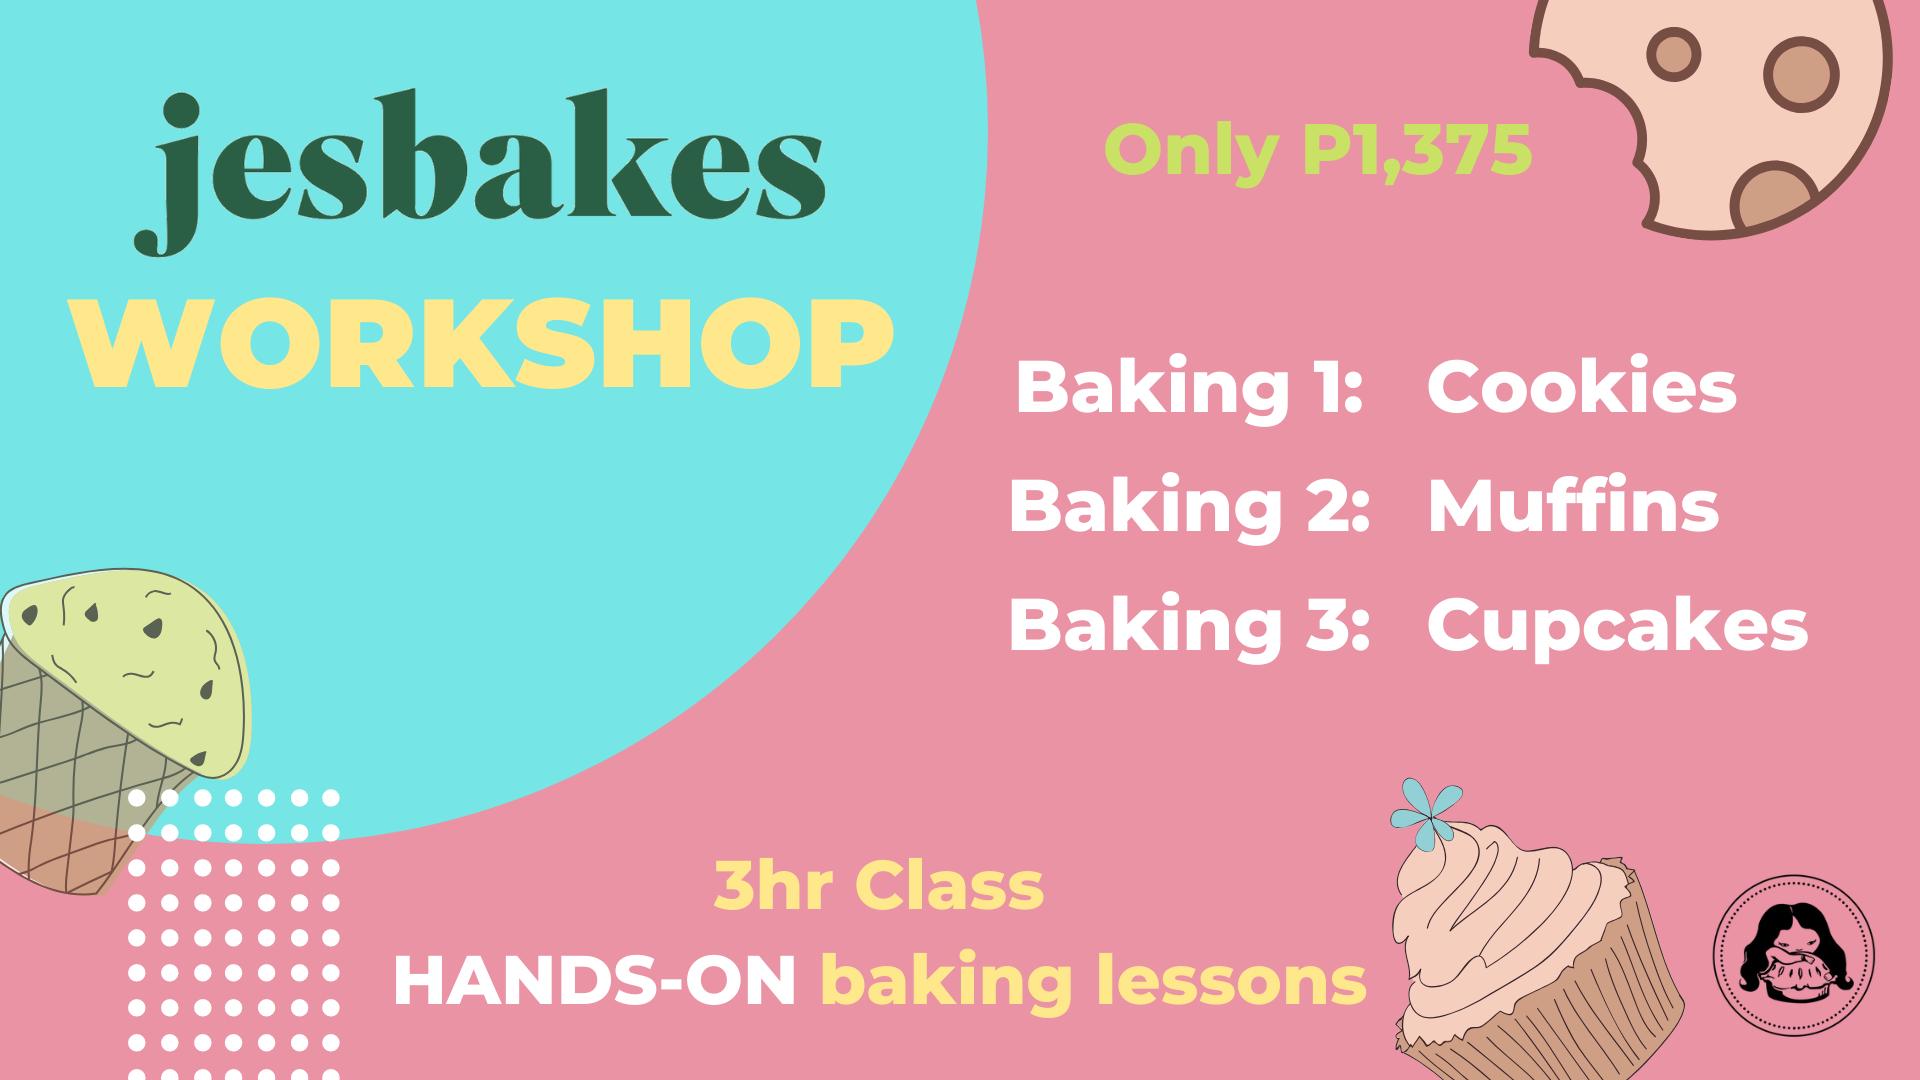 jesbakes-baking-workshop-cakes-cookies-pastries